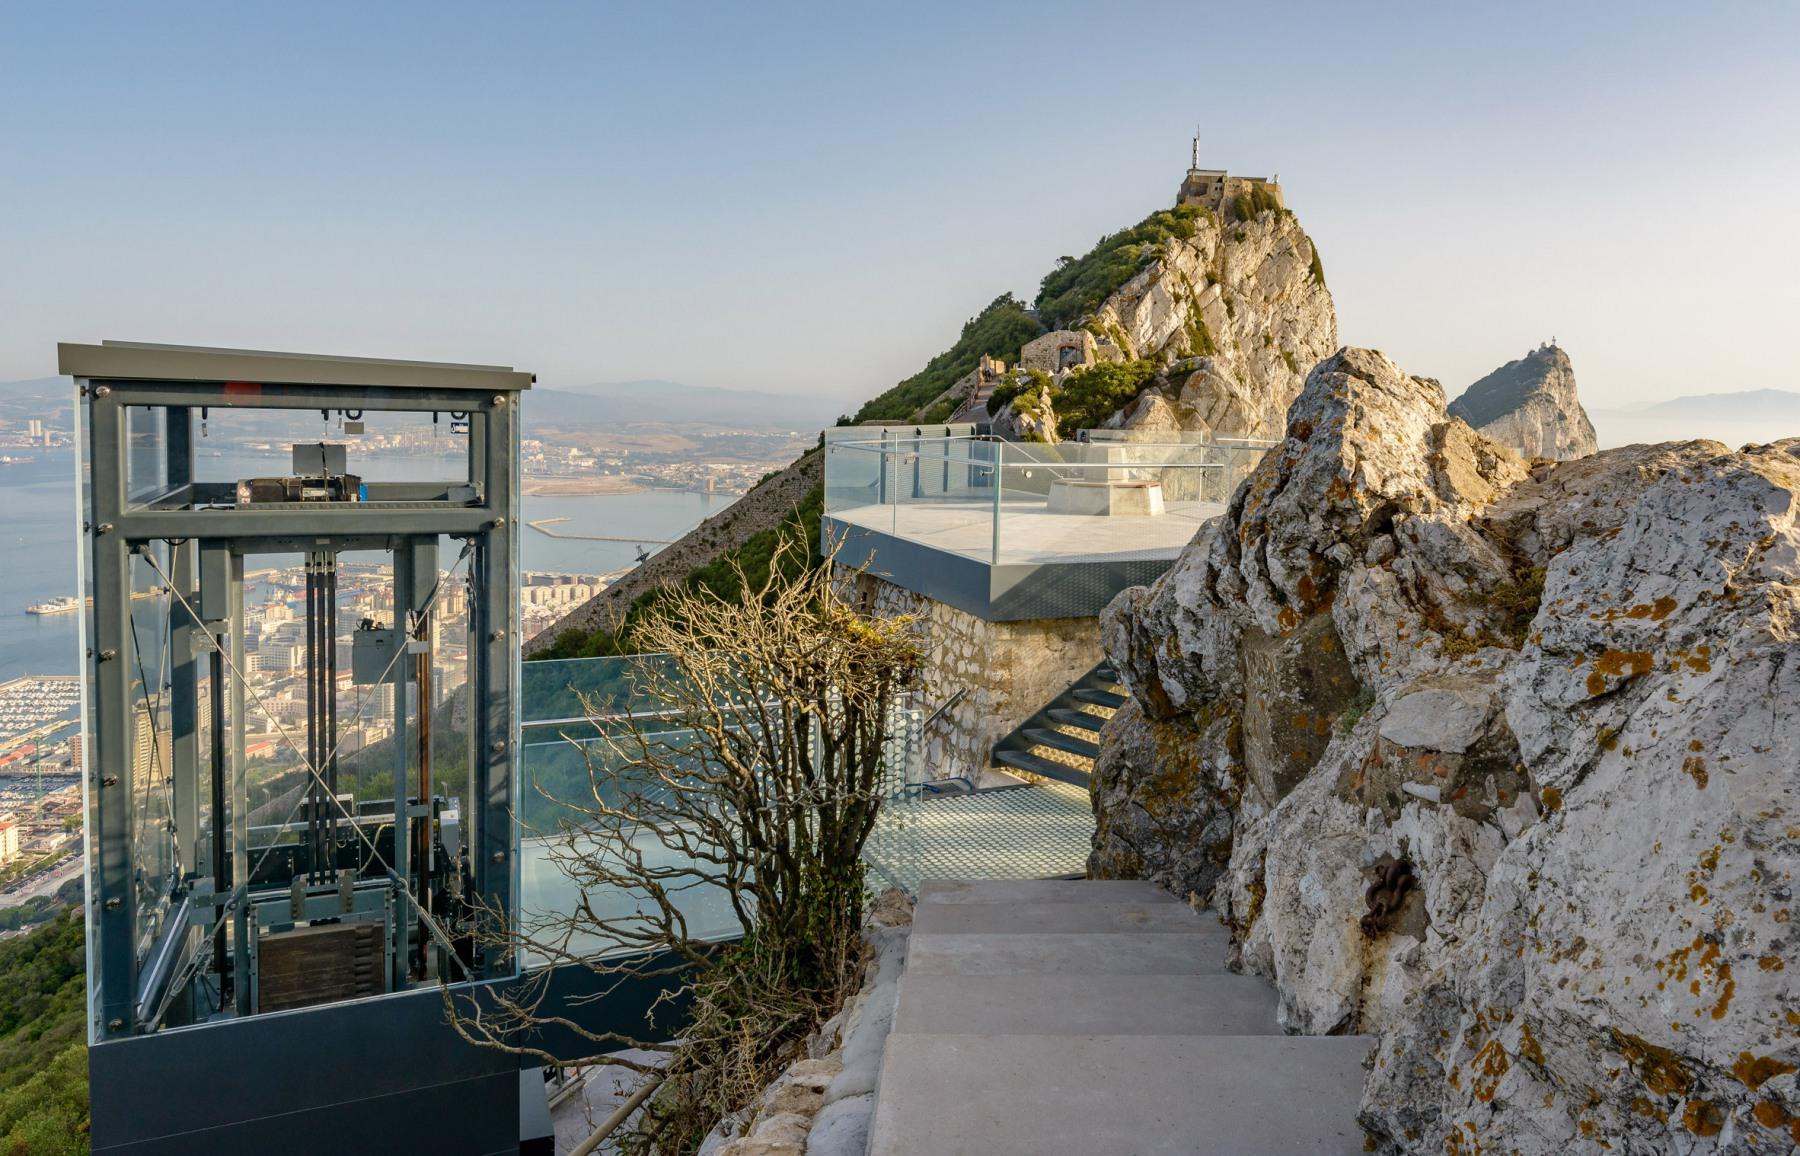 skywalk-gibraltar-4-photo-taken-for-bovis-koala-jv-by-meteogibs-photographer-stephen-ball_42273842555_o